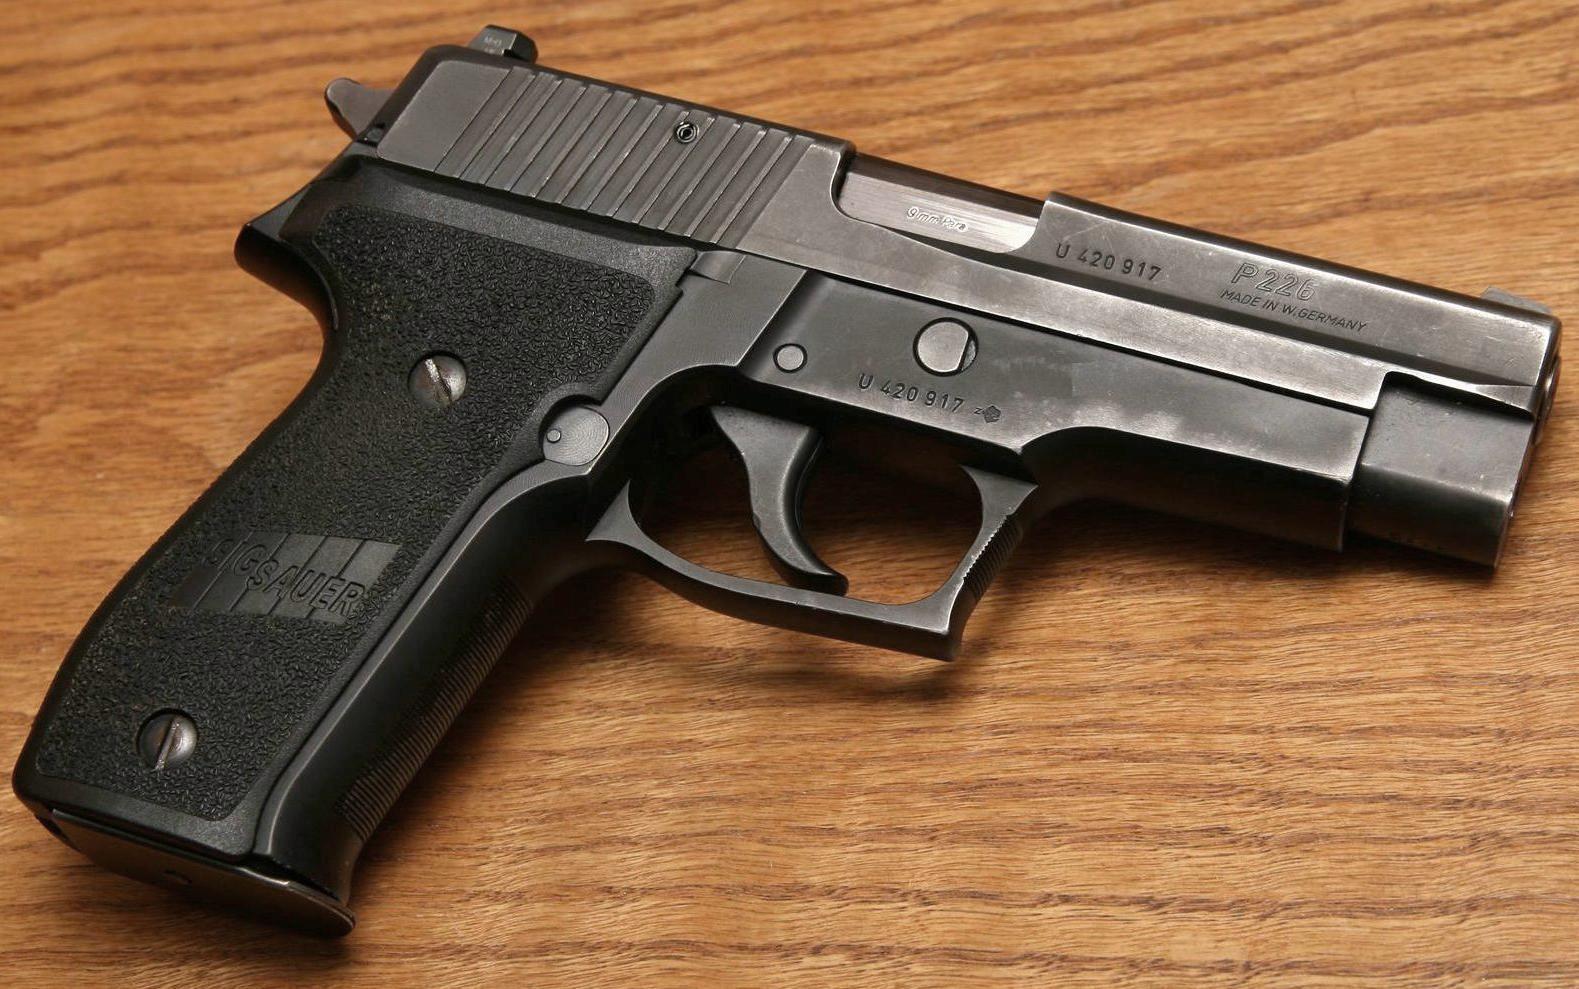 Пистолет модели p226